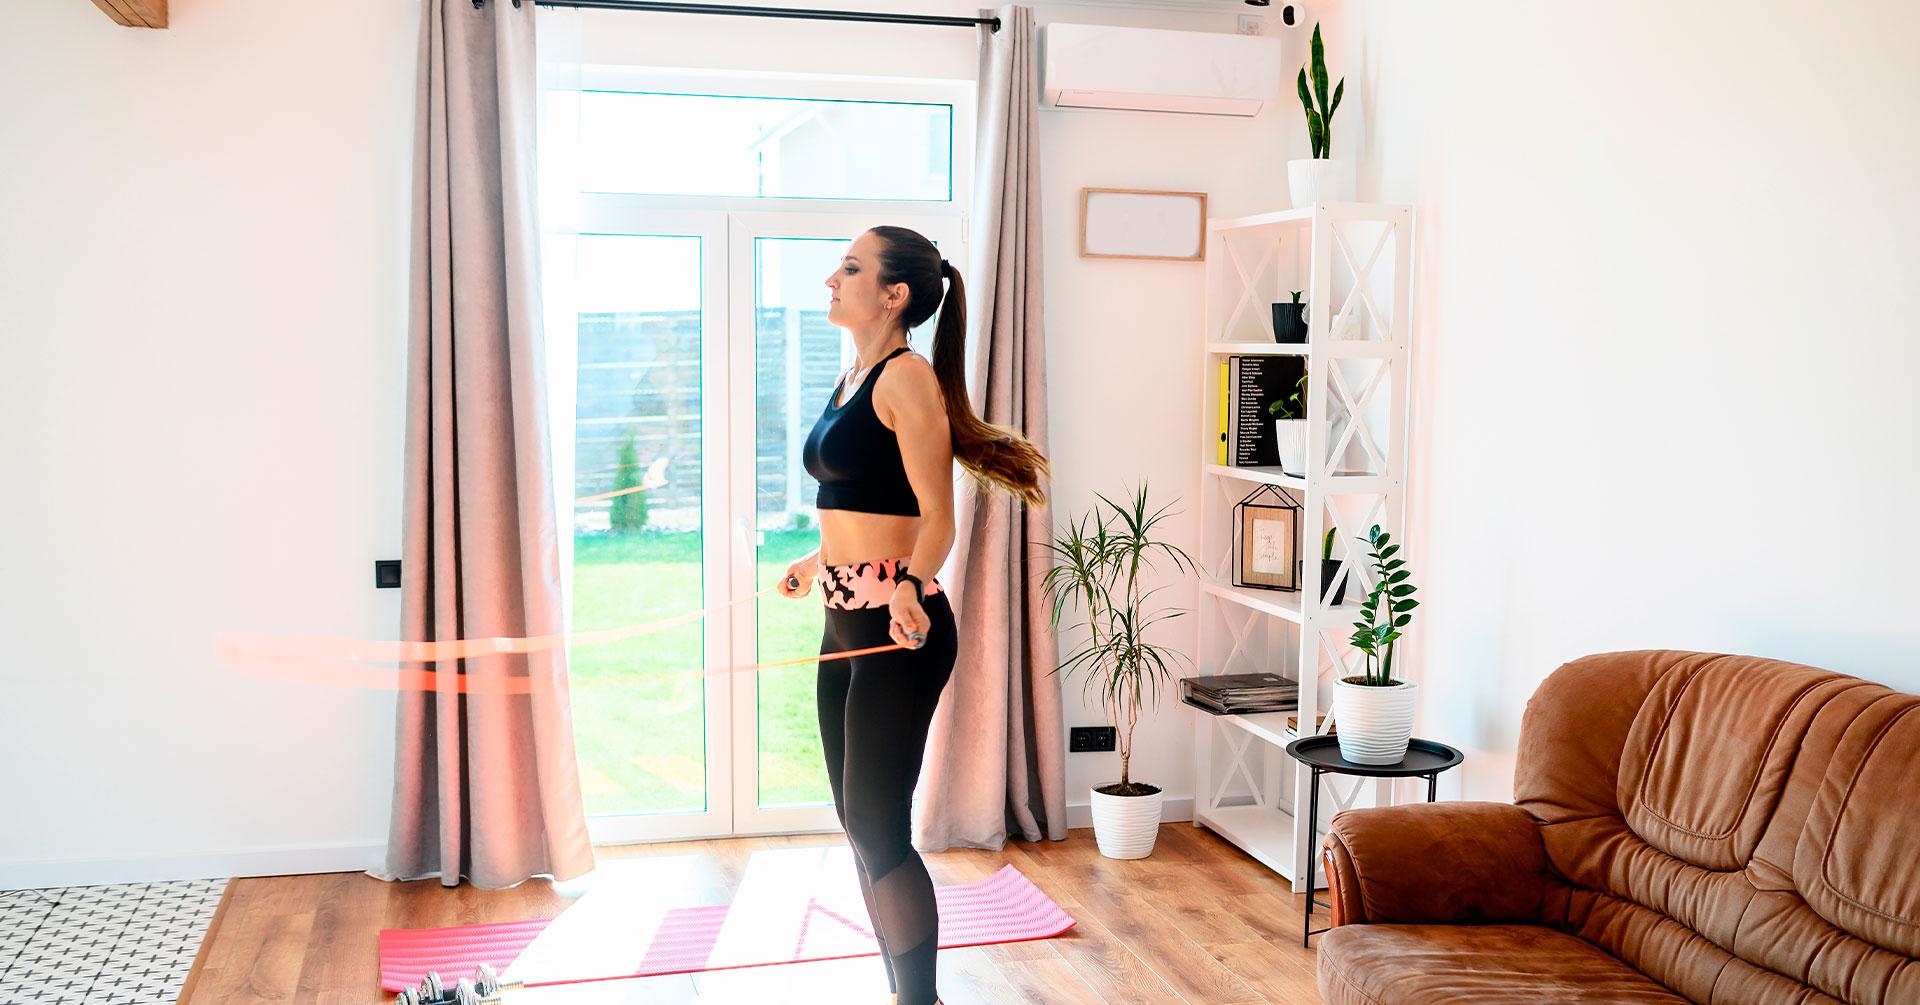 ¿Por qué saltar la cuerda es un buen ejercicio en casa?